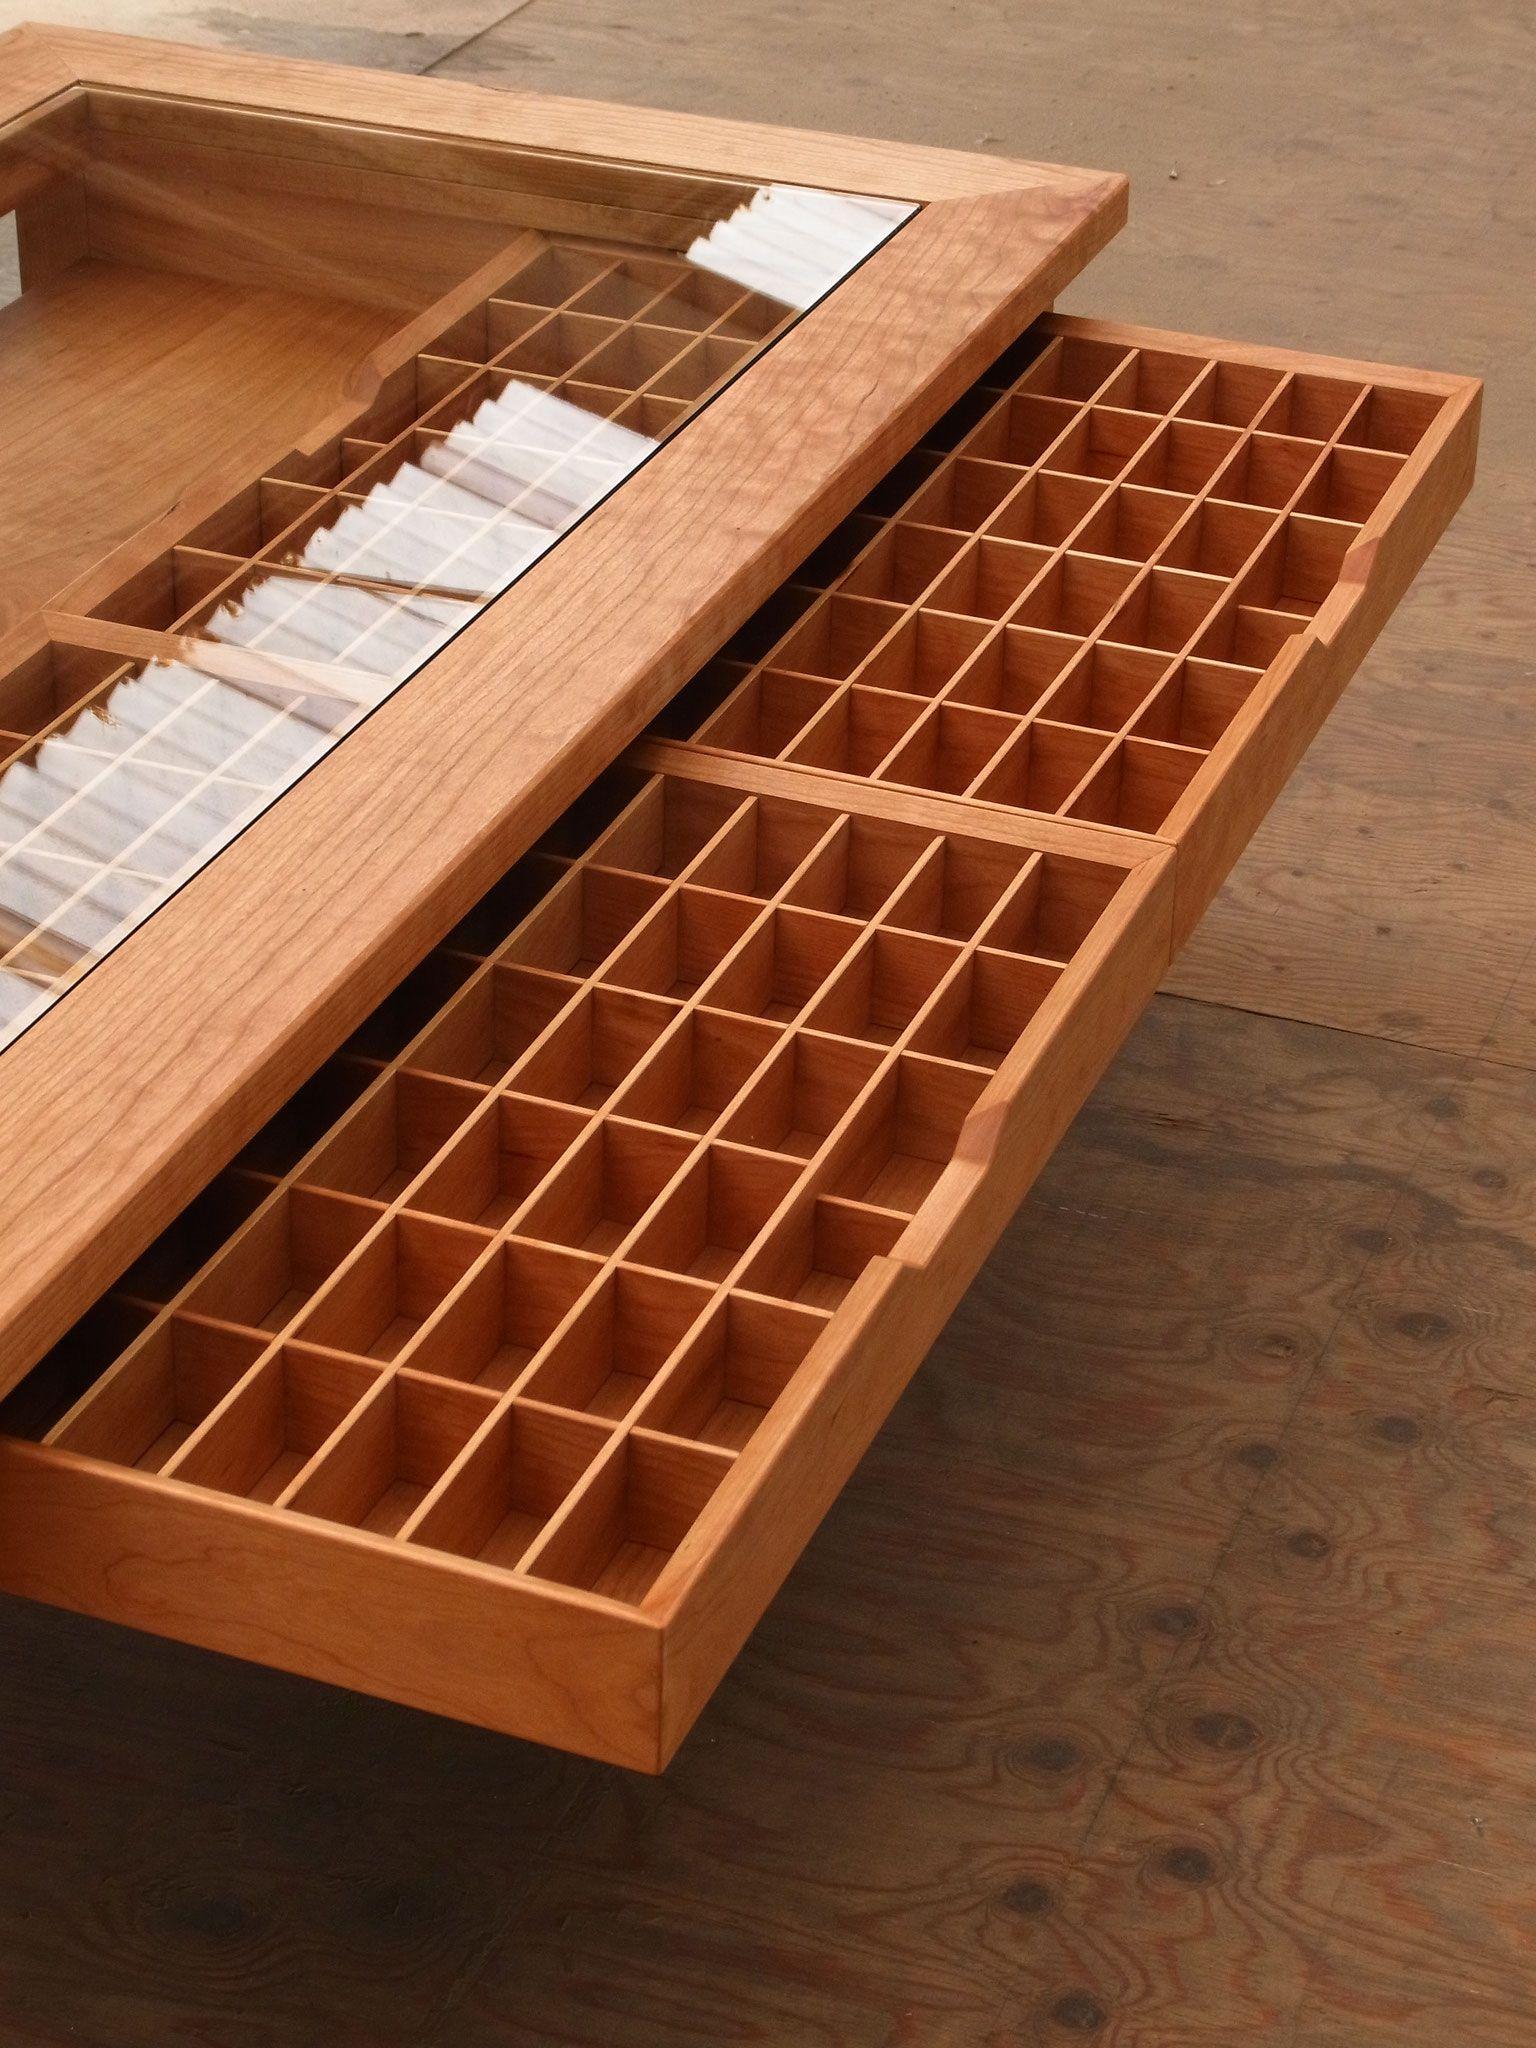 ミニカー コレクション テーブル Minicar Collection Low Table インテリア 家具 コレクション テーブル インテリア